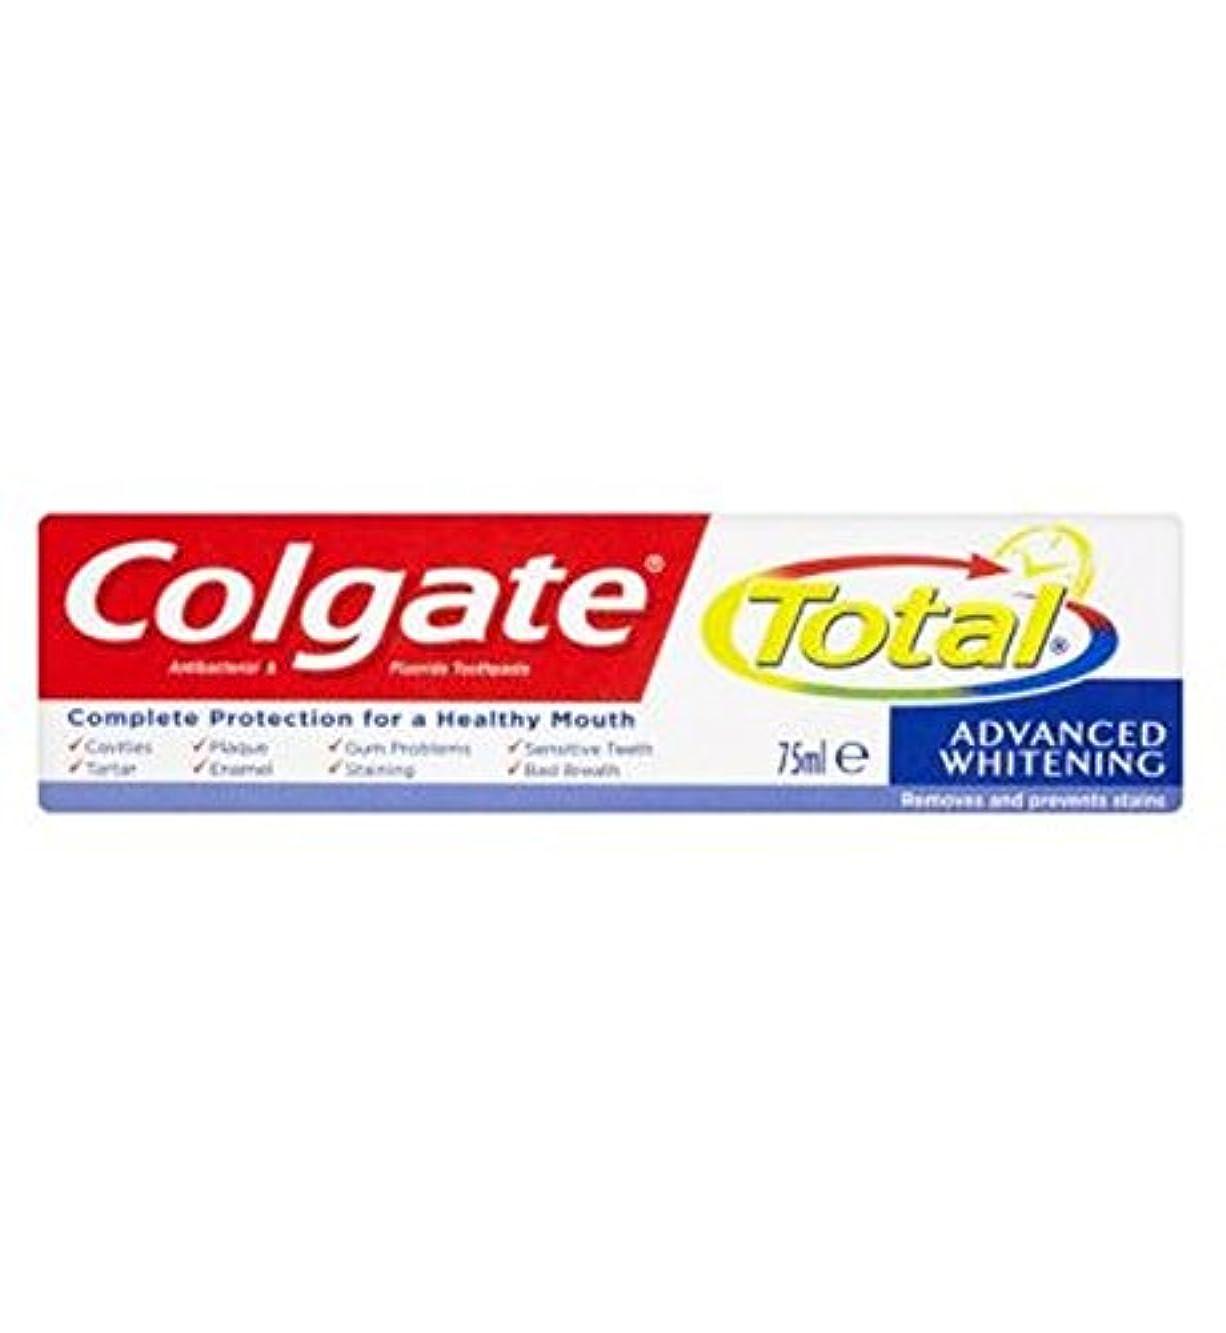 有名なチケット滞在Colgate Total Advanced Whitening toothpaste 75ml - コルゲートトータル高度なホワイトニング歯磨き粉75ミリリットル (Colgate) [並行輸入品]